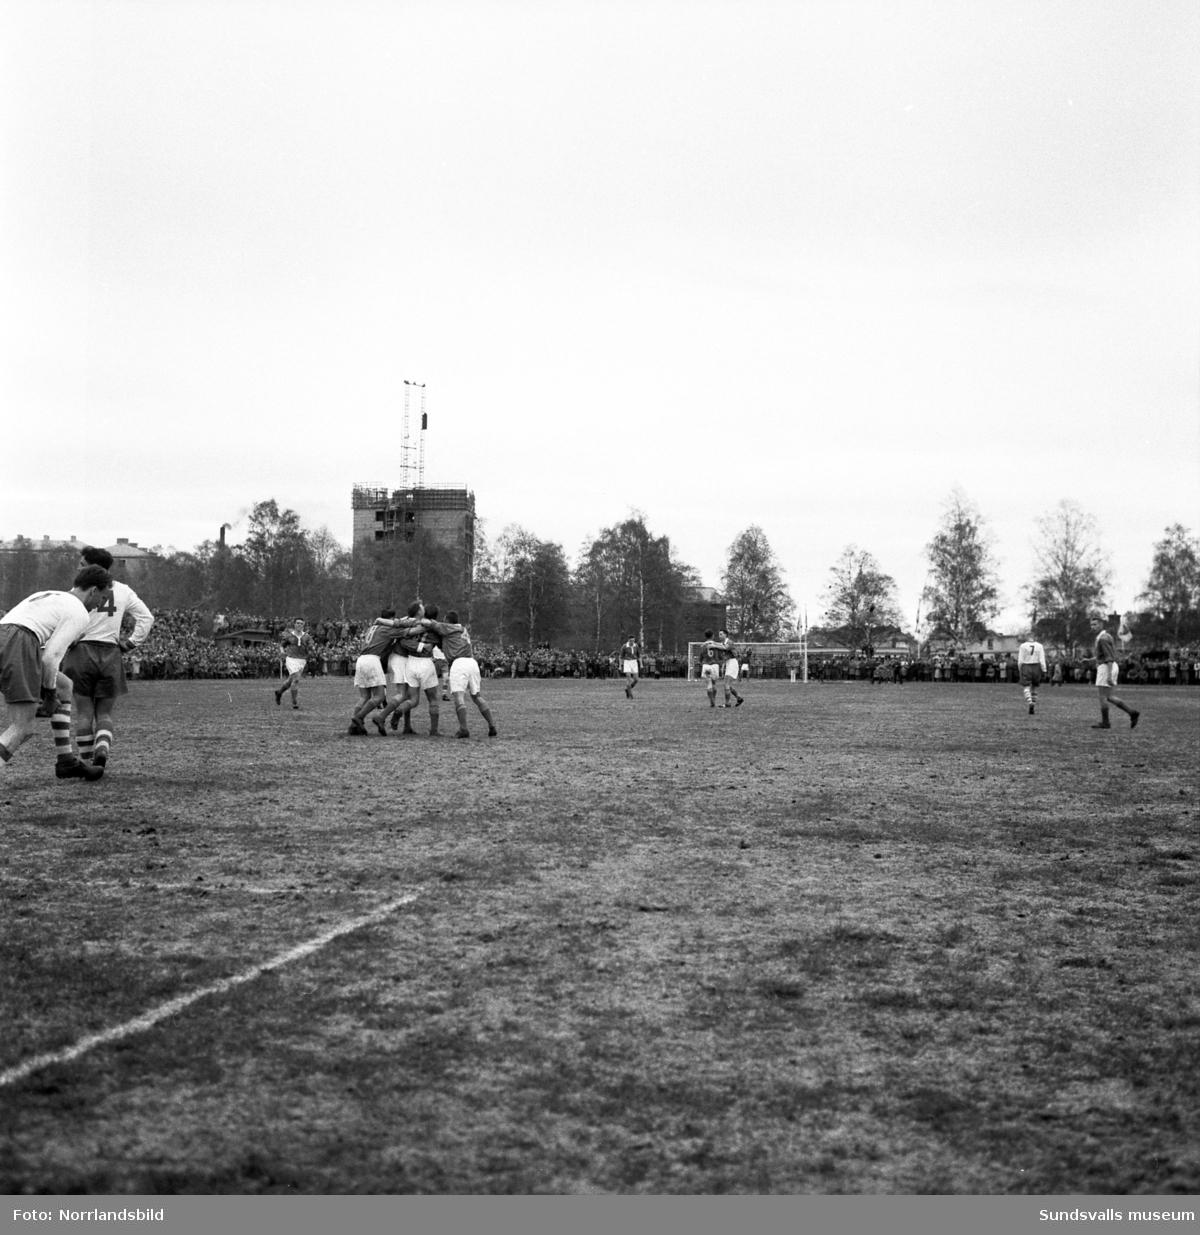 Publiken strömmade till Idrottsparken då GIF Sundsvall mötte Eskilstuna i klubbens första kval till högsta serien 1957. Matchen slutade 1-1 och publiksiffran var imponerande 11000.